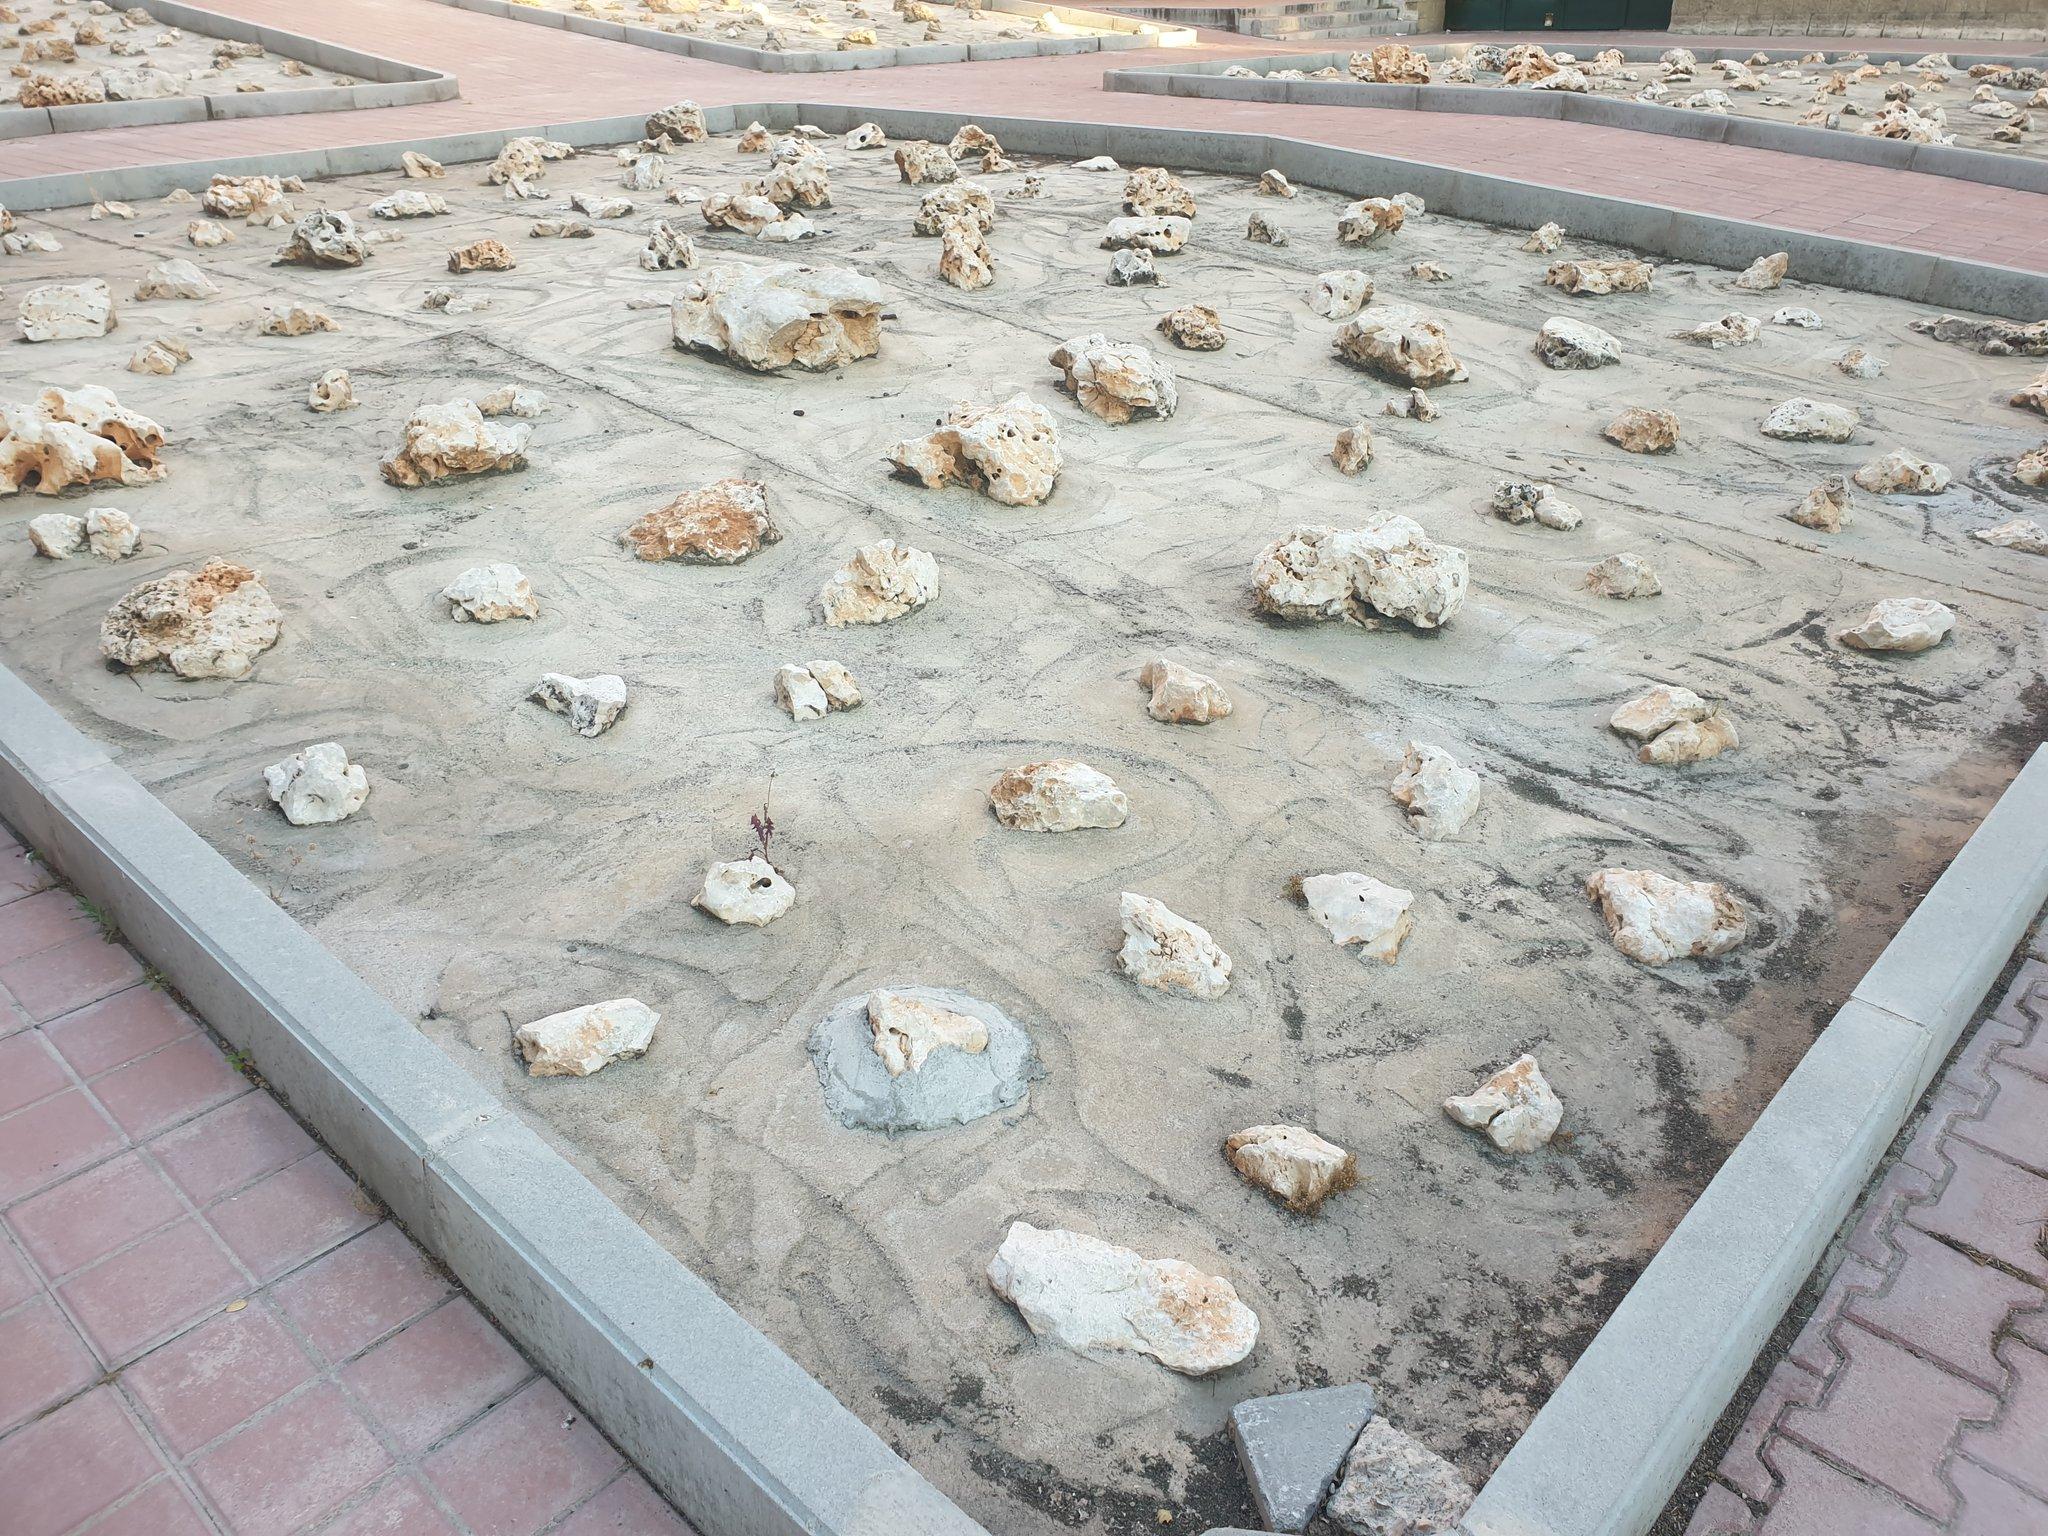 El jardín demigrante de piedras que no verás en un barrio pijo pero sí en Orcasur